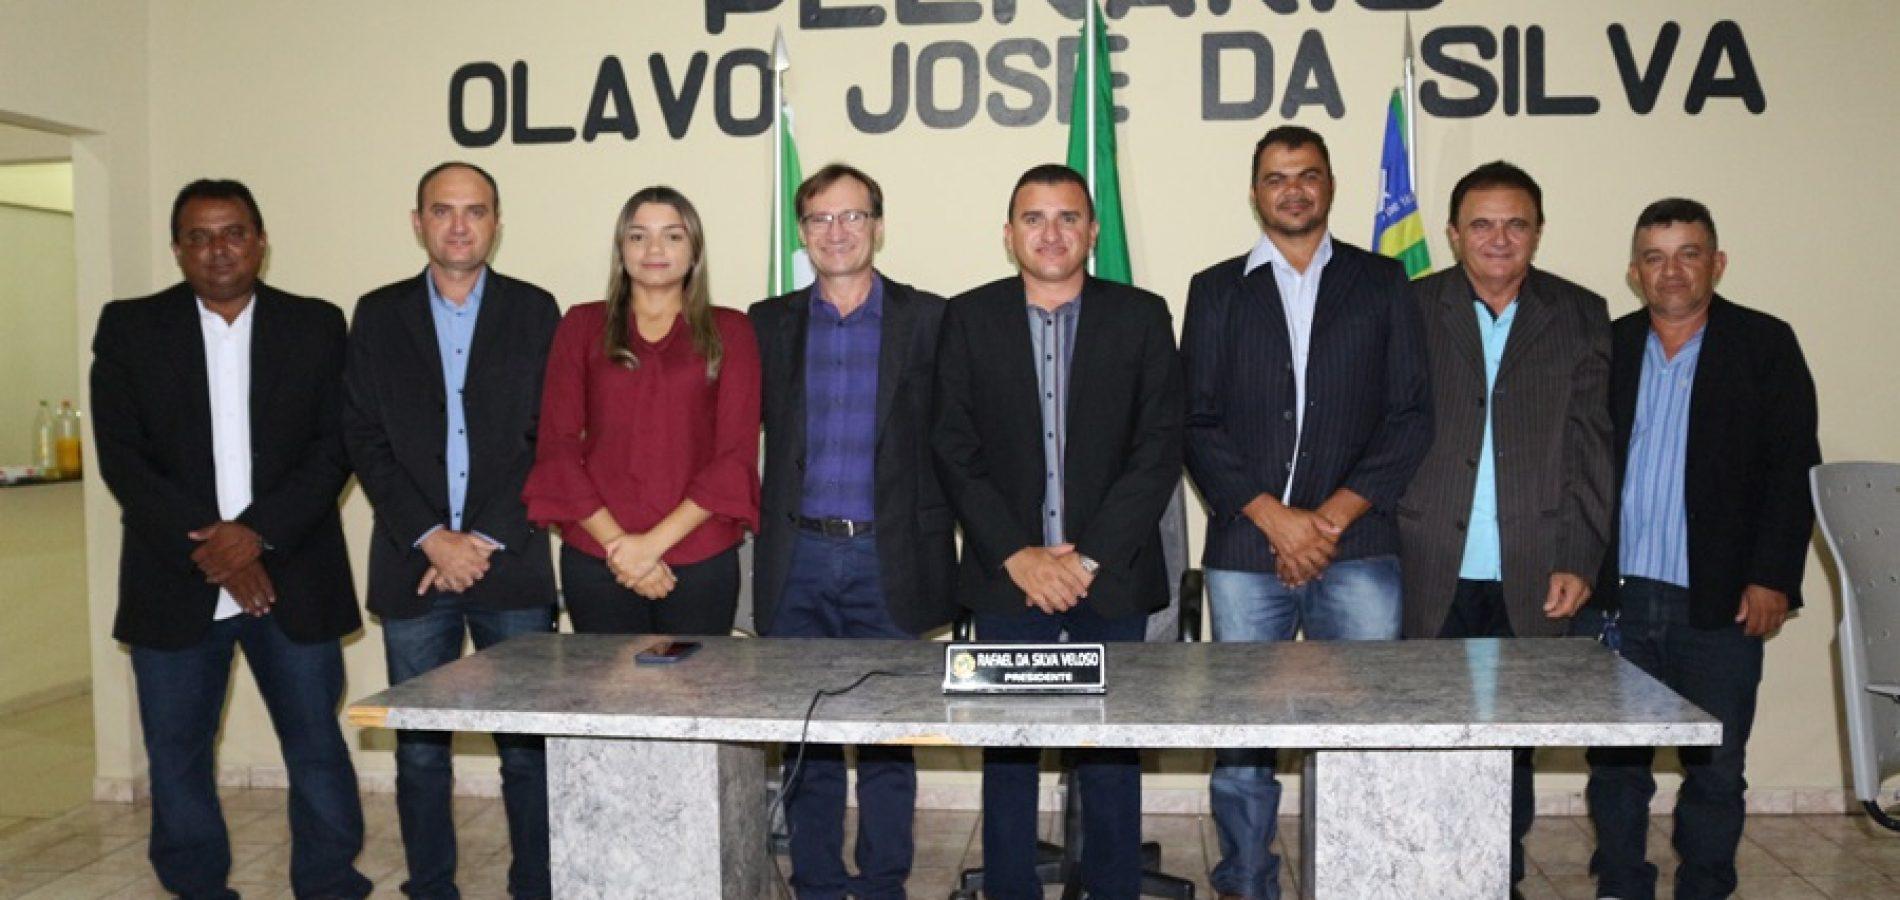 MASSAPÊ | Na abertura do ano legislativo, Câmara aprova piso dos professores e prefeito lê mensagem, presta contas e anuncia mais trabalho